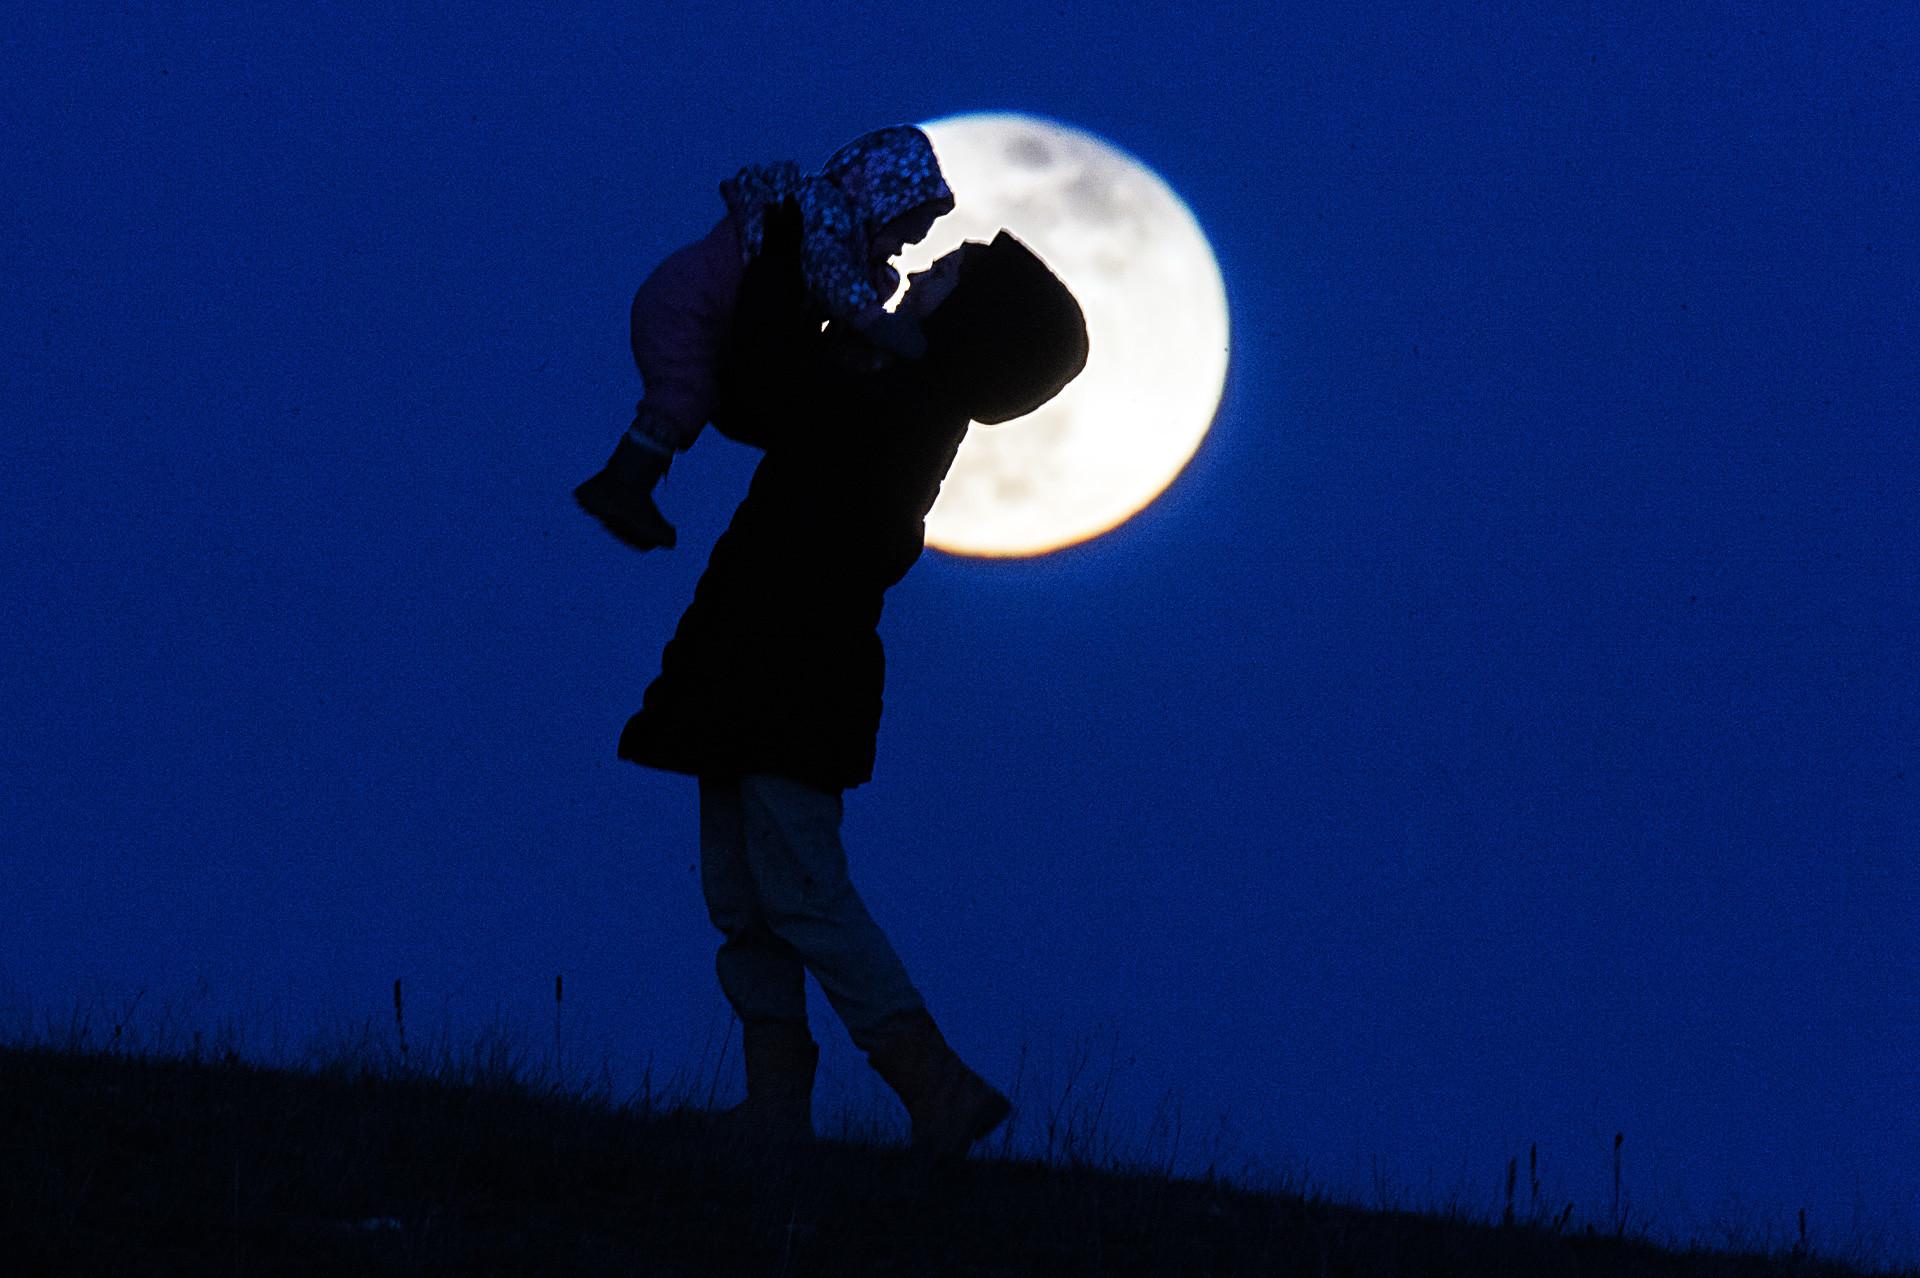 Una giovane donna tiene in braccio il suo bambino durante una passeggiata serale a Sinferopoli, capitale della Repubblica di Crimea